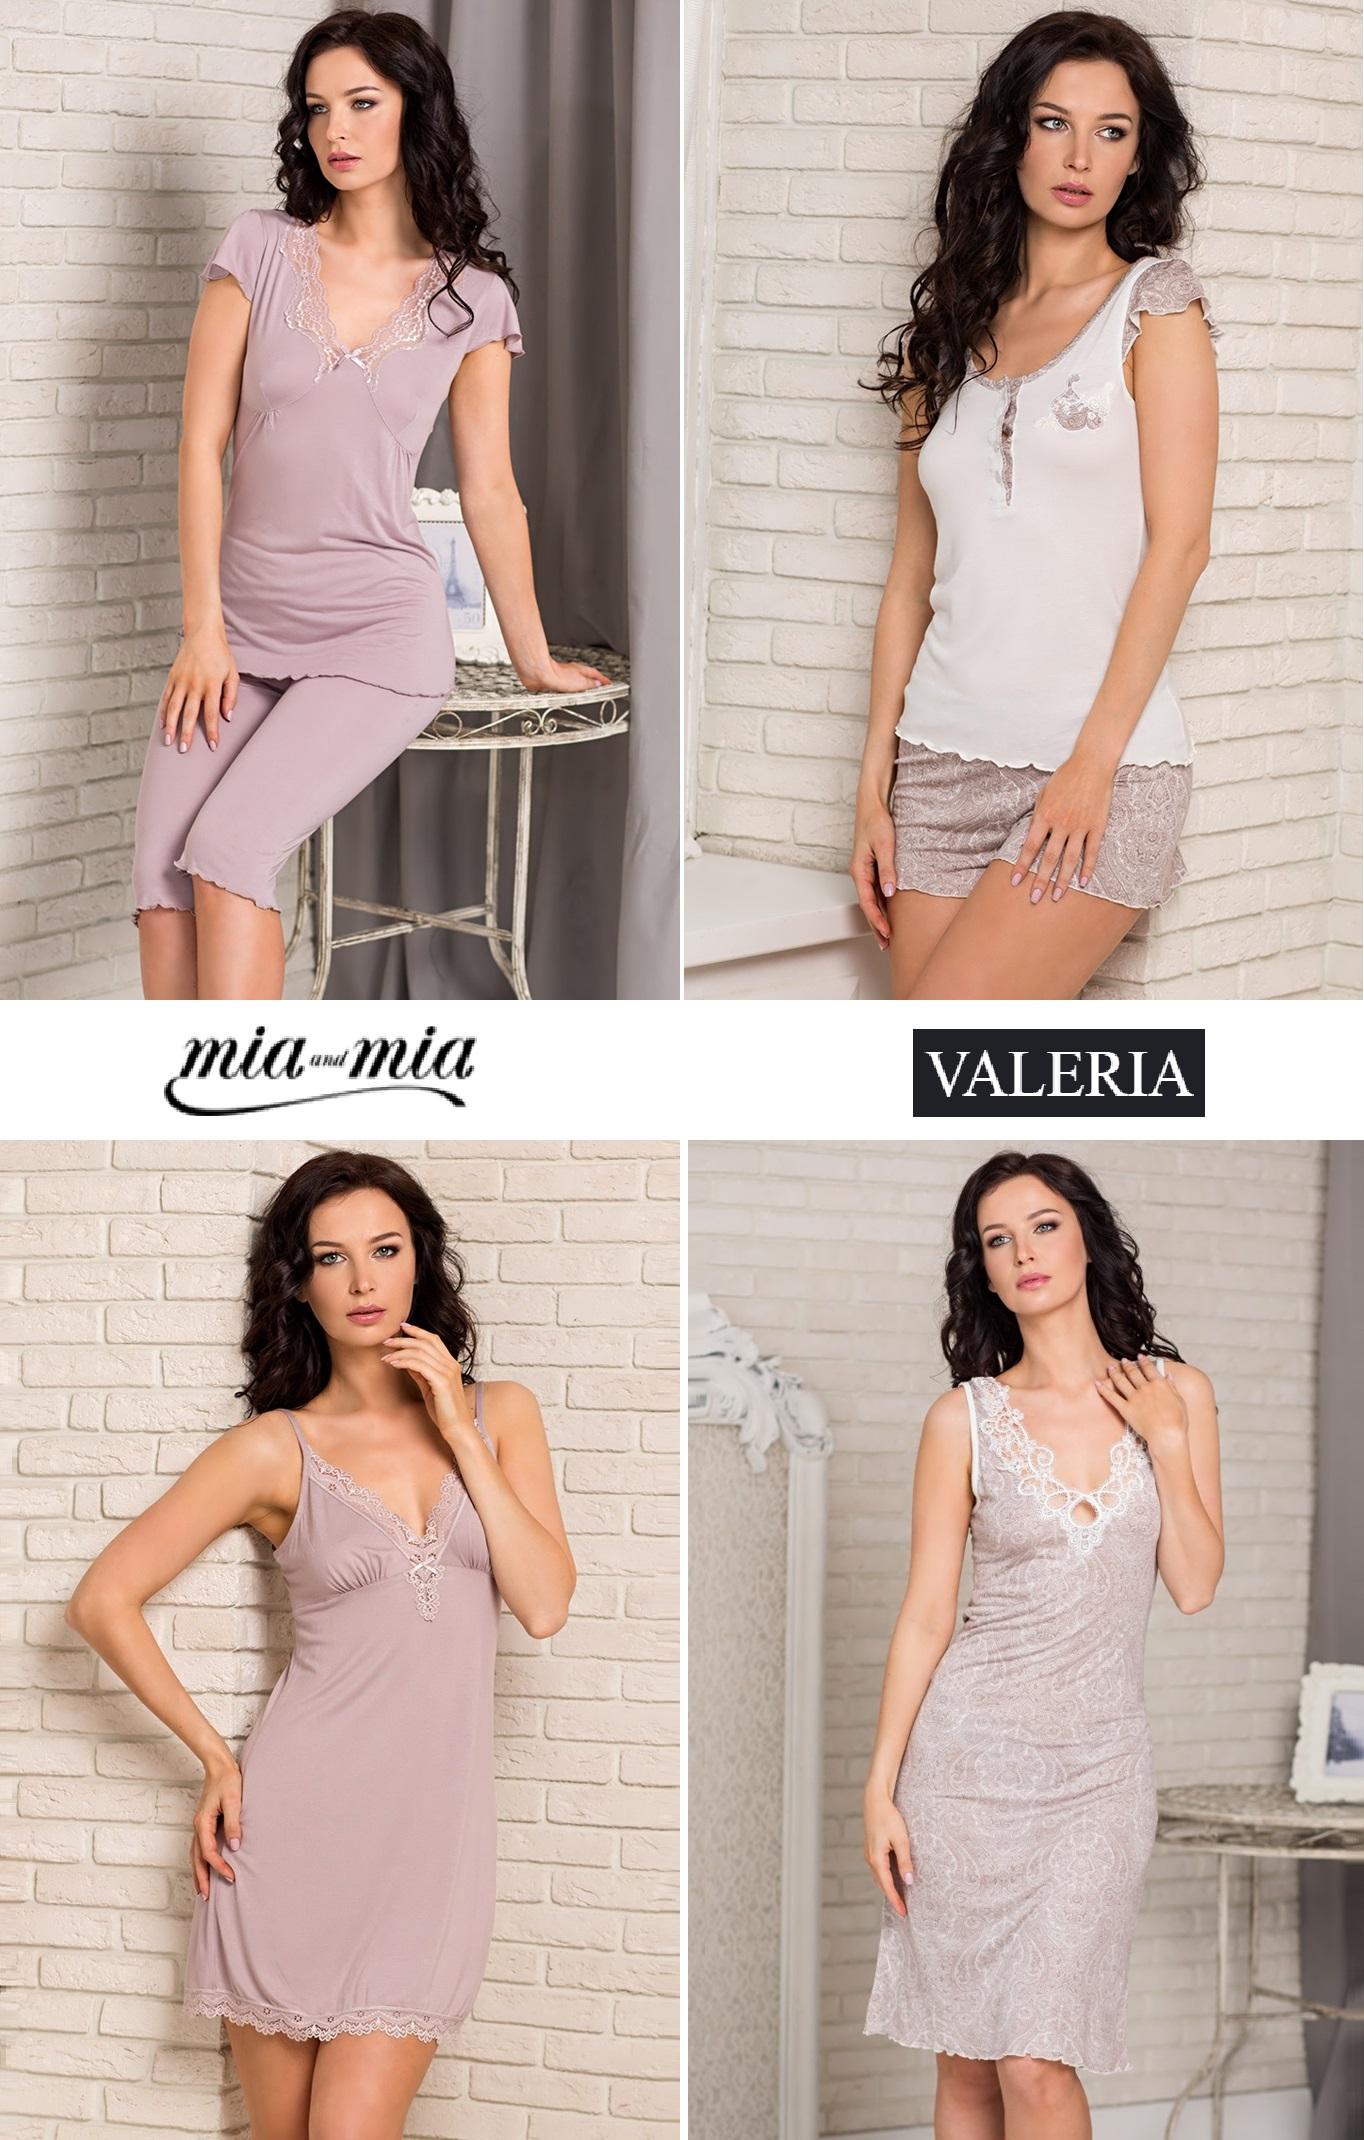 Женские сорочки, комплекты и пижамы Valeria Mia-Mia купить интернет-магазин